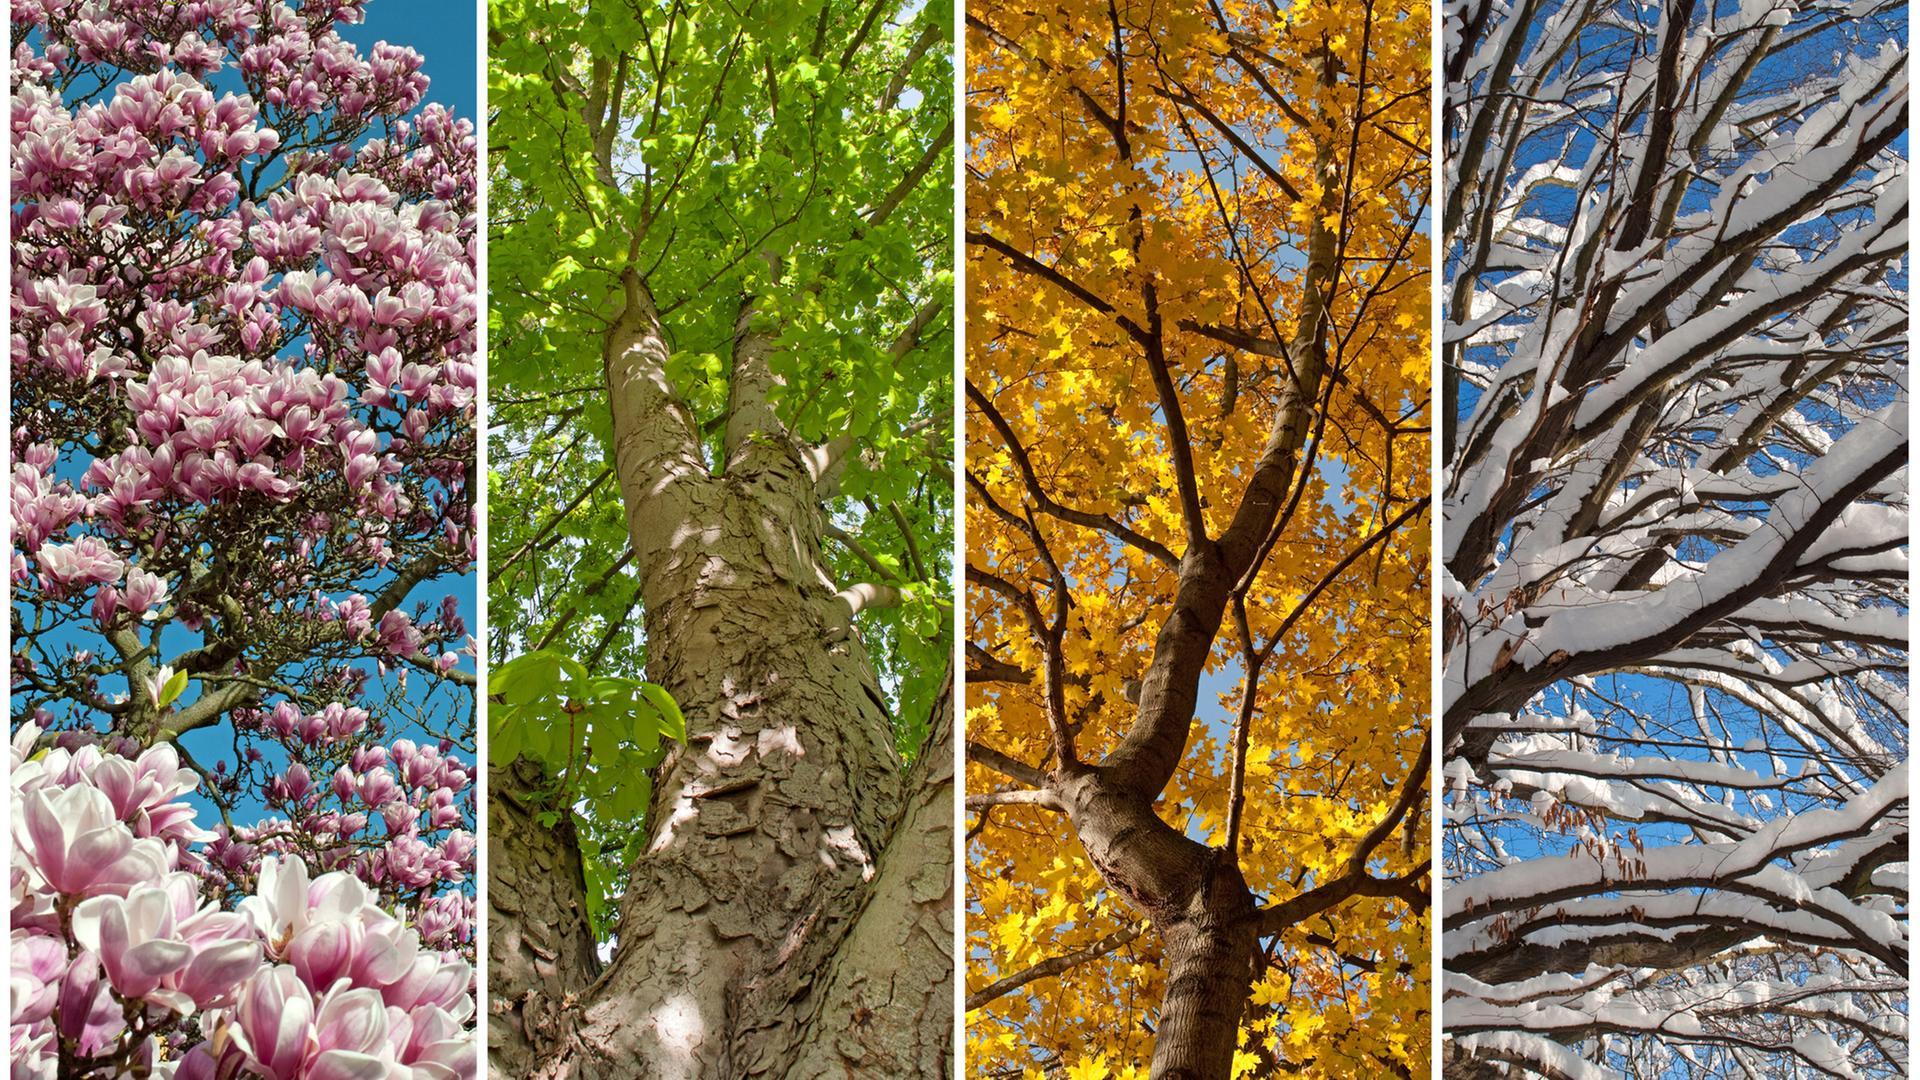 Geliebte Beobachtung von Pflanzen: Die Jahreszeiten verschieben sich @TK_82